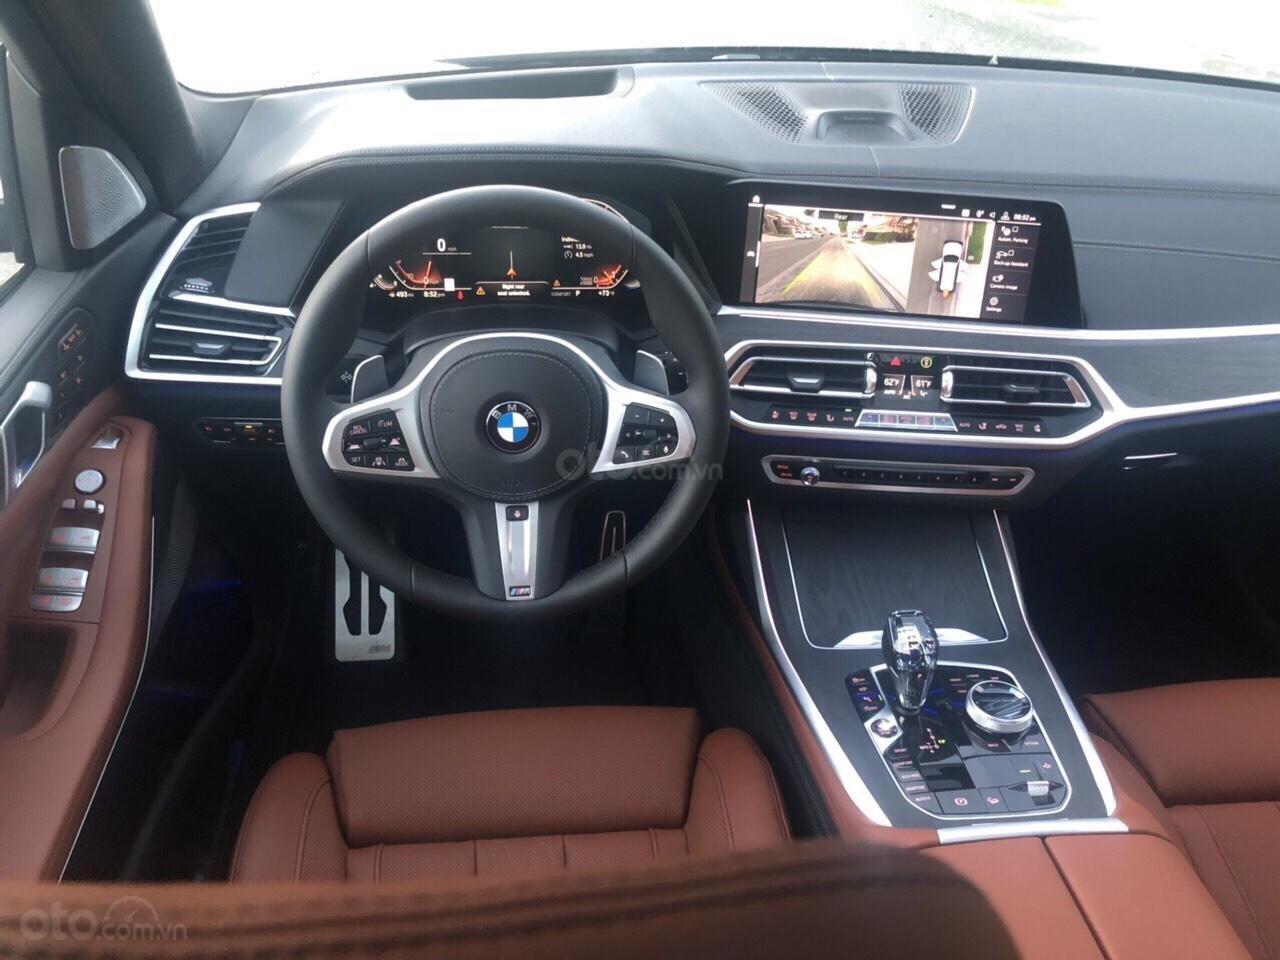 Bán ô tô BMW X7 xDrive 40i sản xuất 2019, màu đen, nhập khẩu, mới 100%. LH 0945.39.2468-1